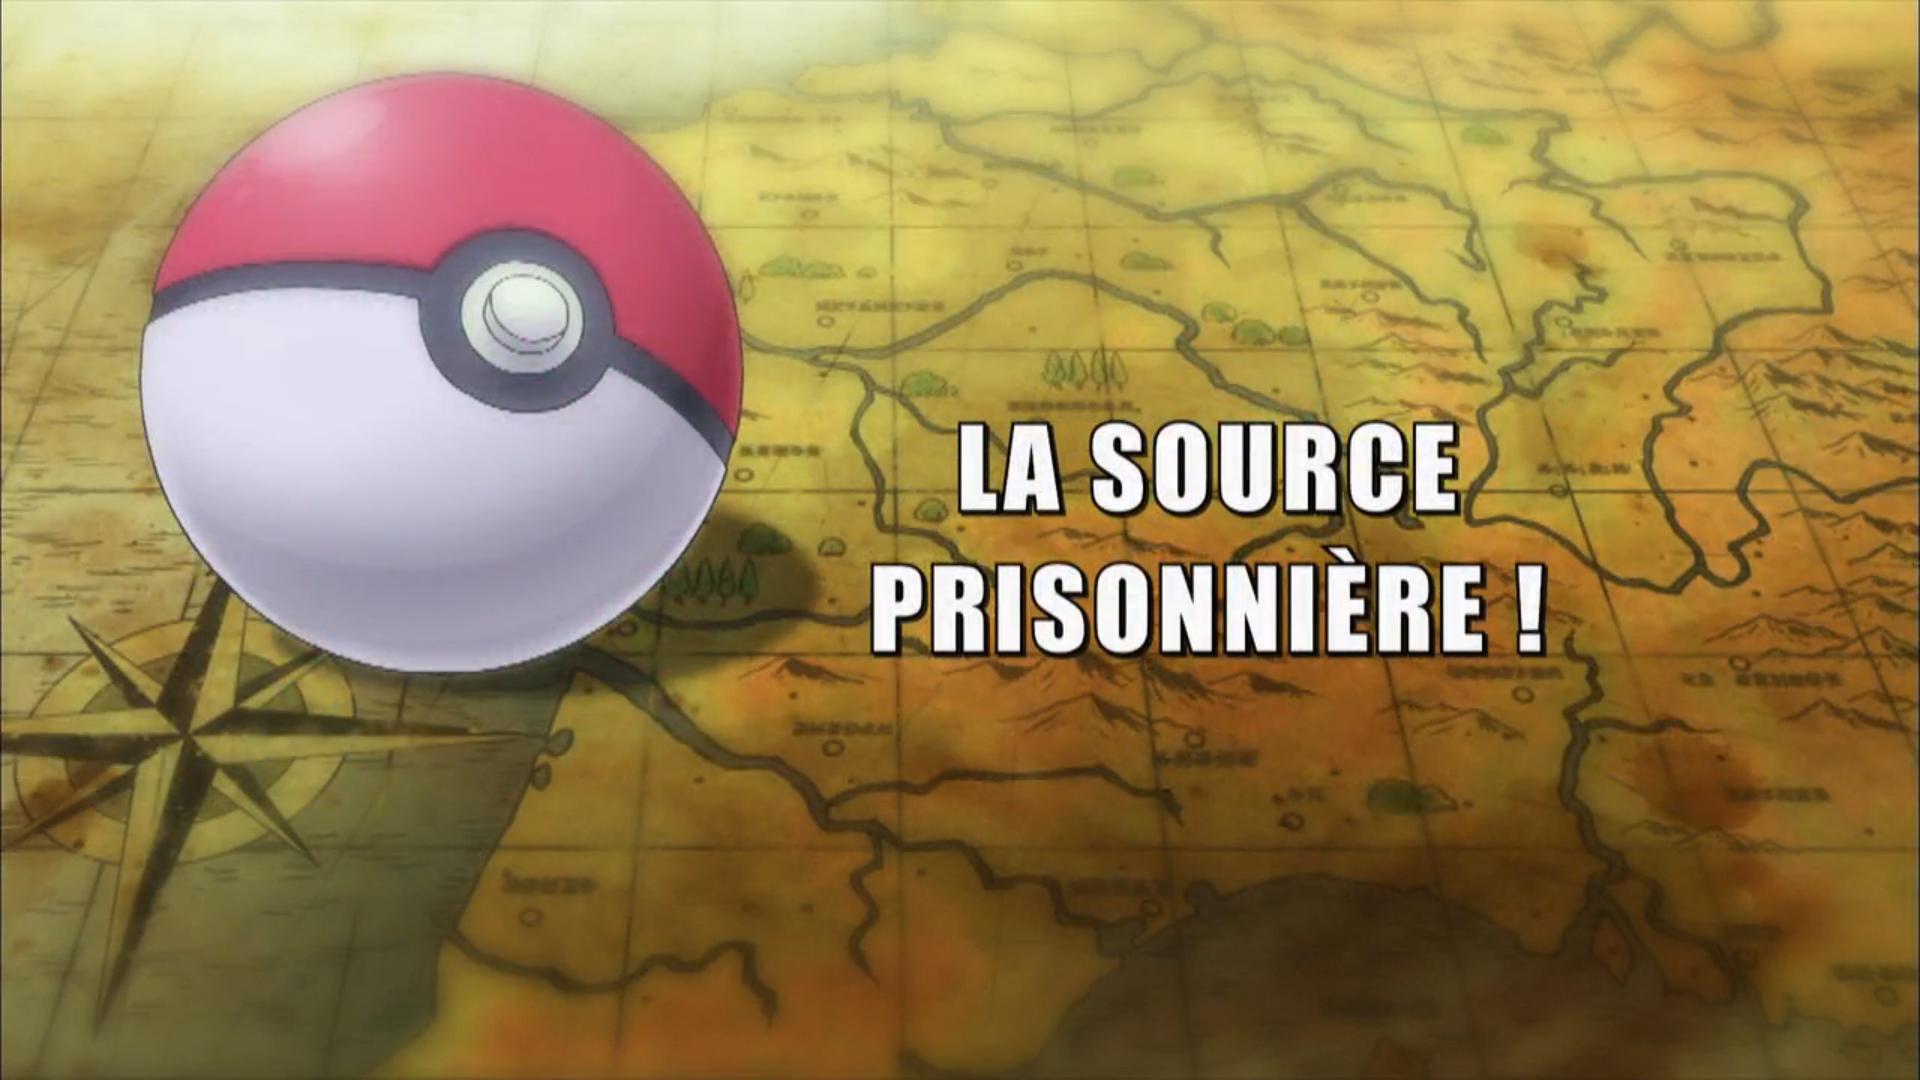 Pokémon - 19x15 - La source prisonnière !